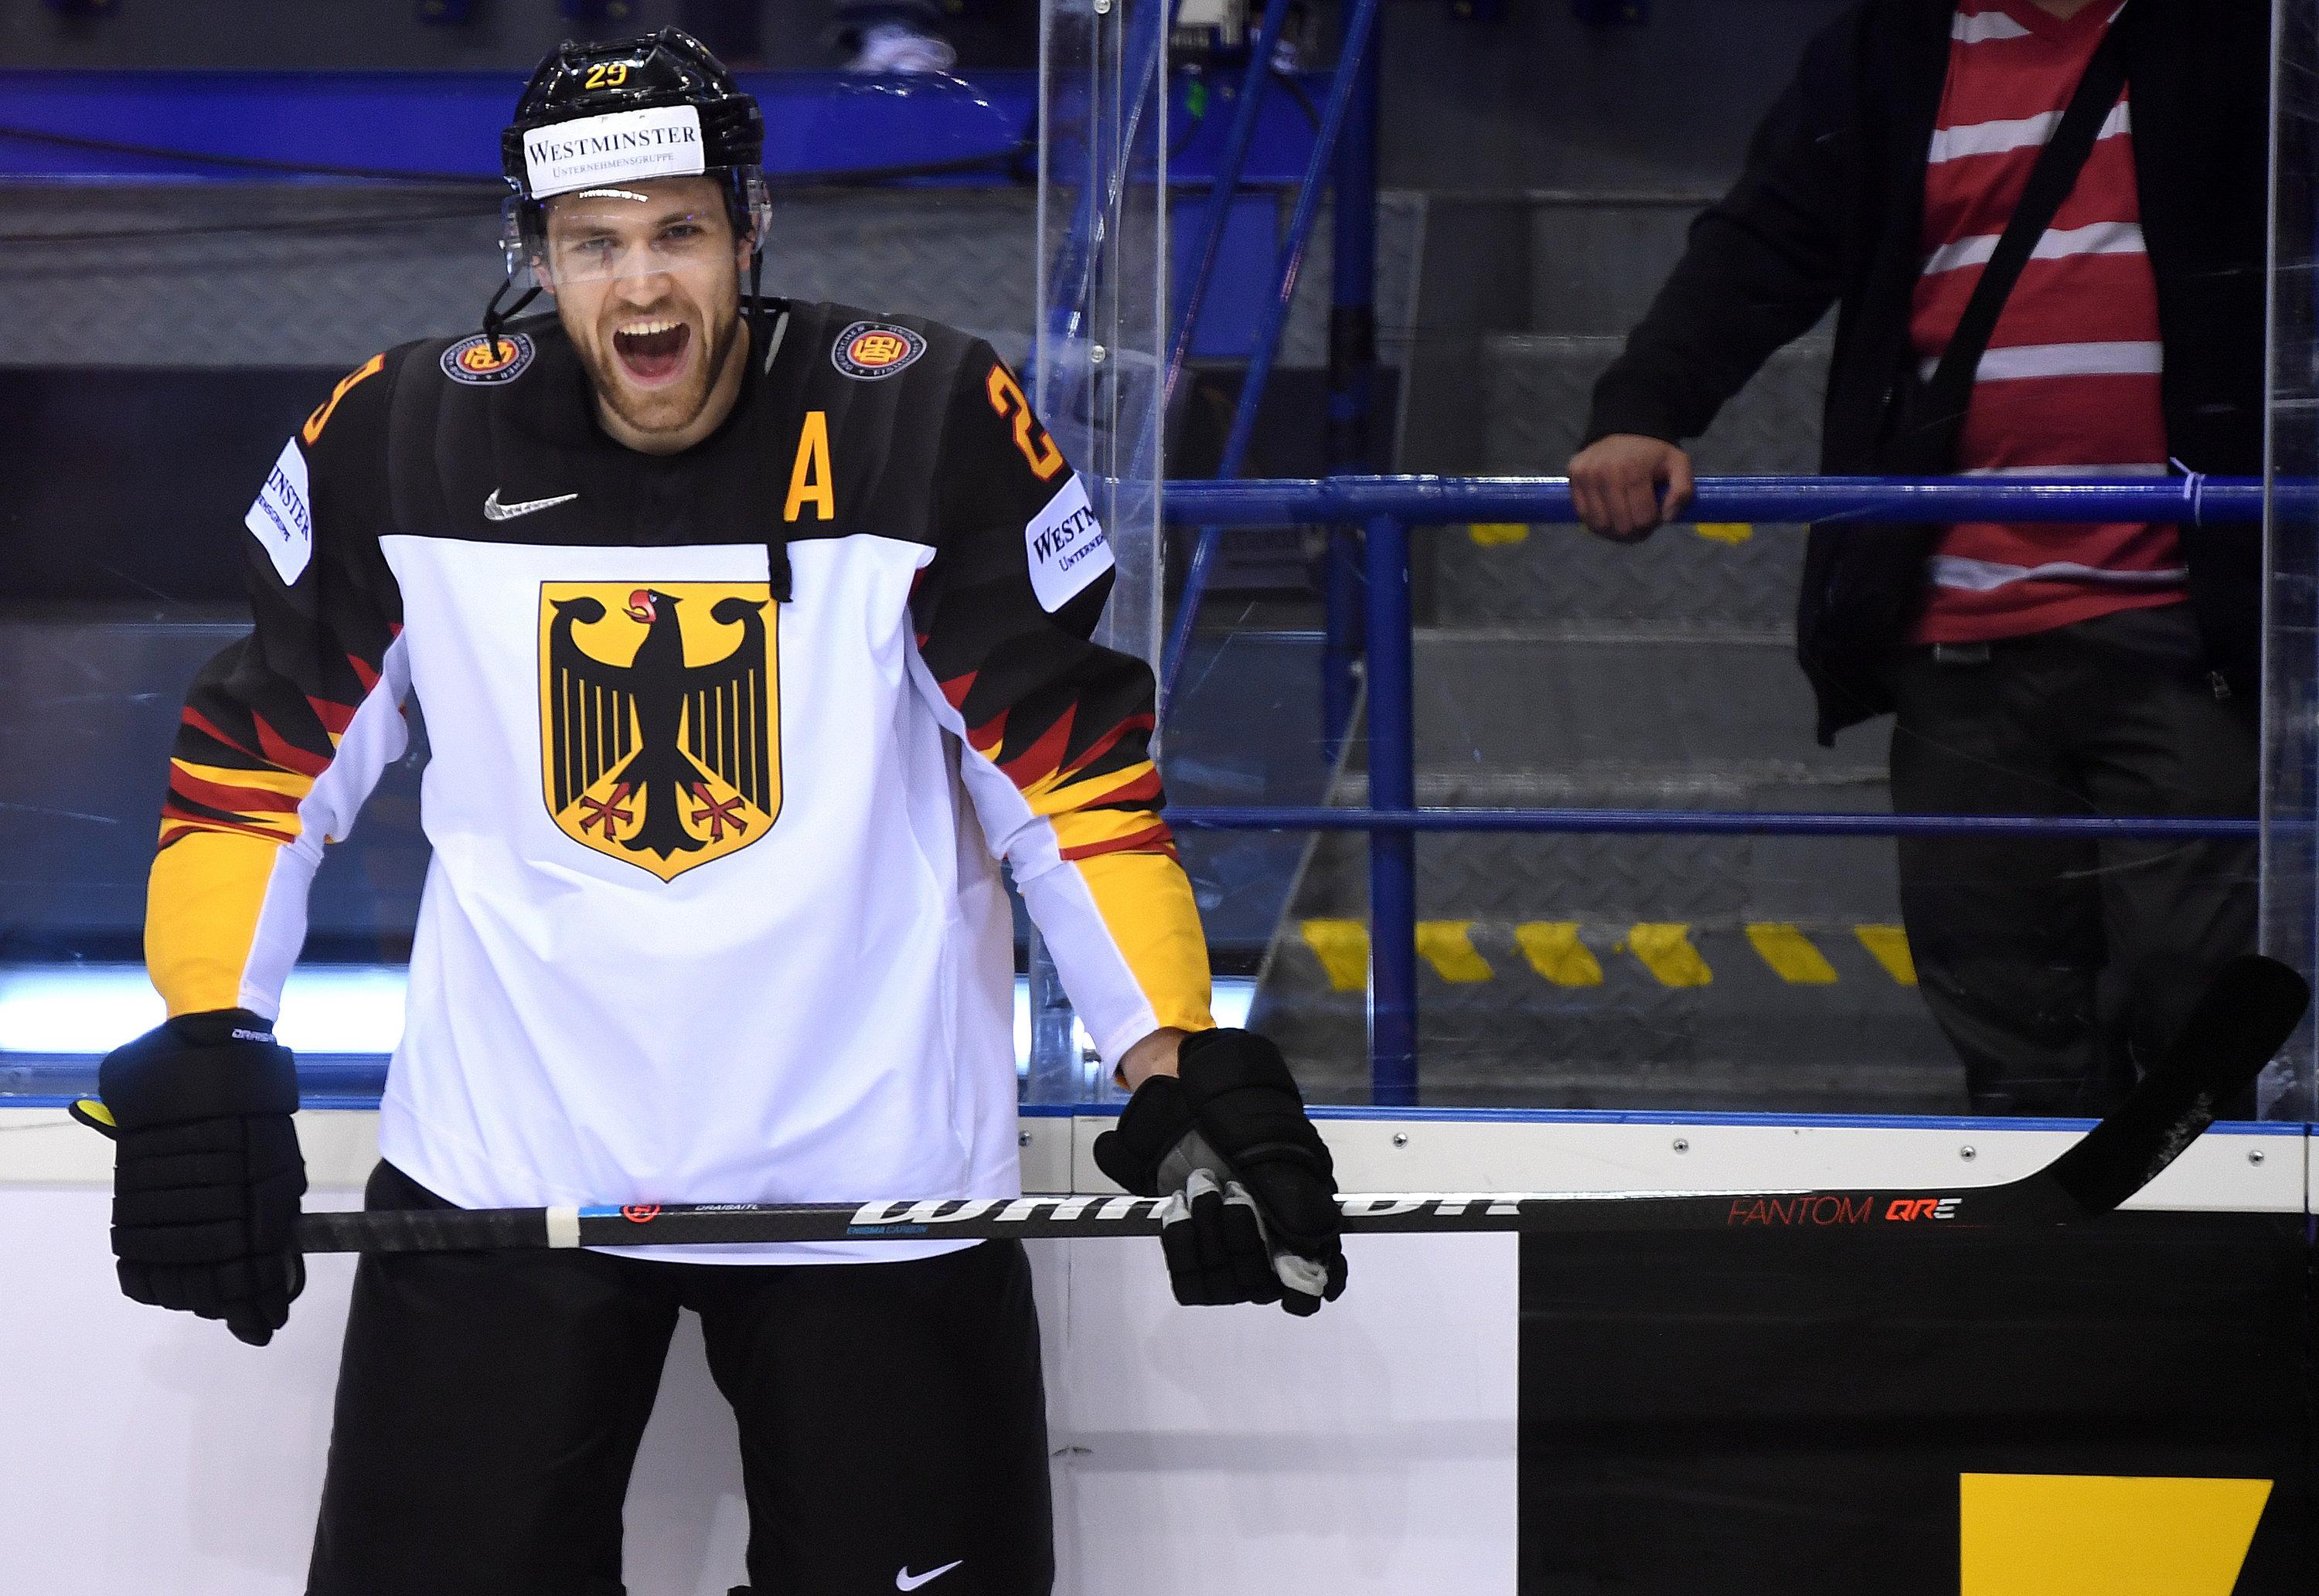 Eishockey WM: Wann spielt Deutschland mit NHL-Star Leon Draisaitl? Der WM-Spielplan mit allen Ergebnissen und Terminen.